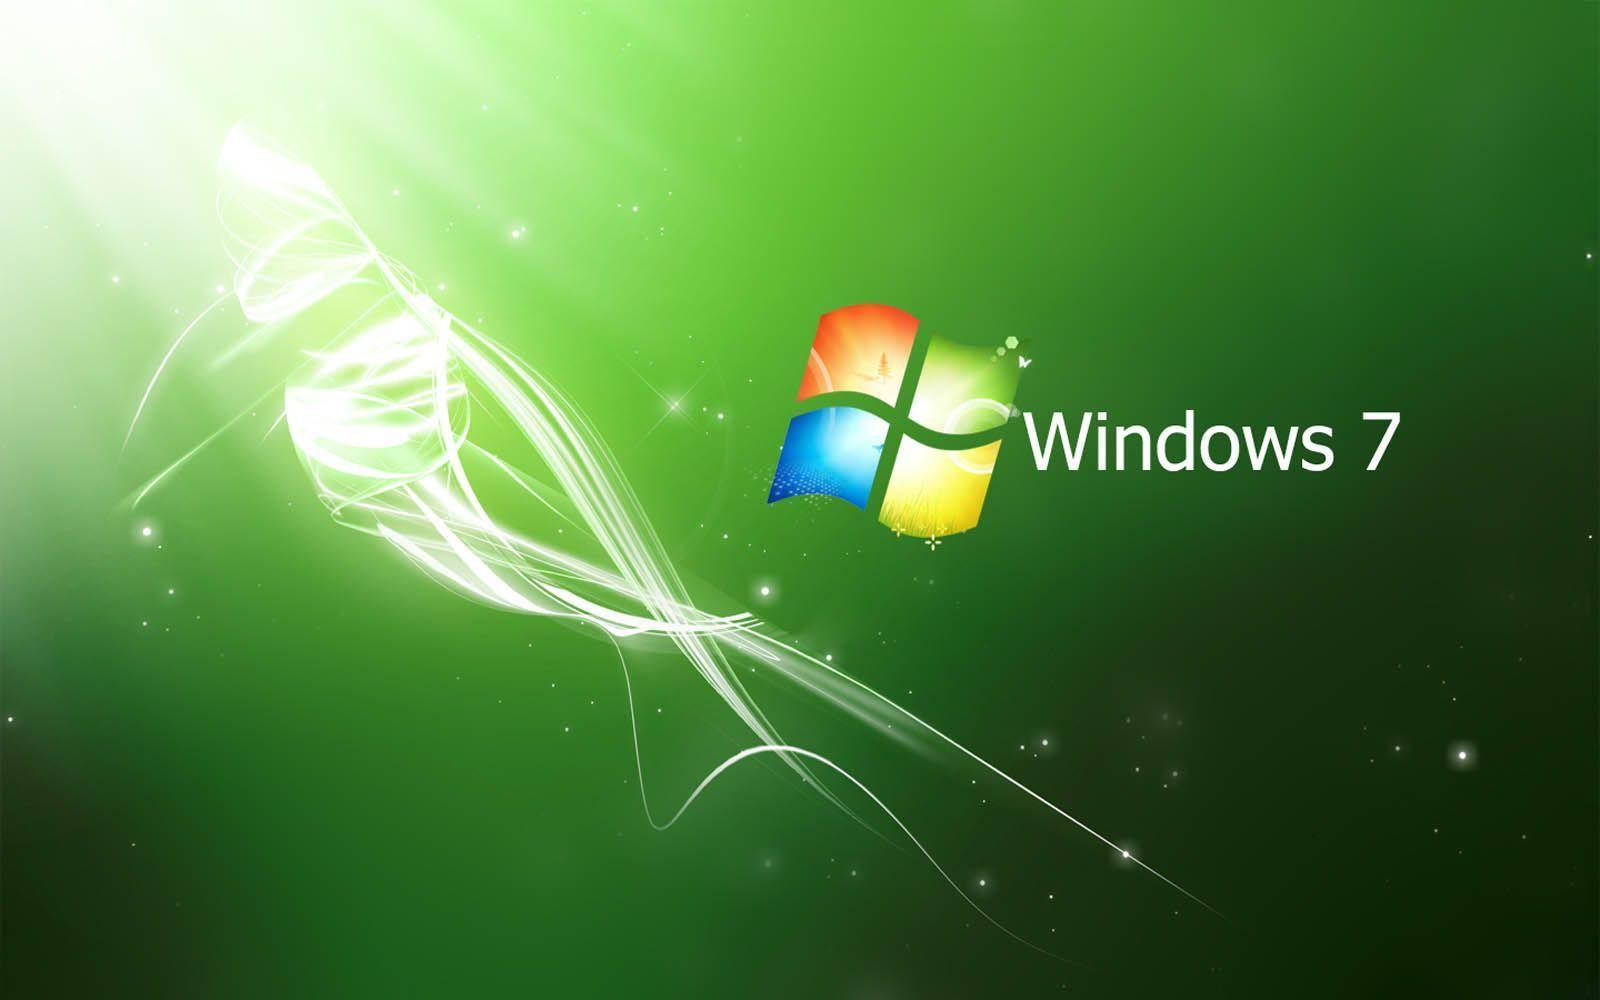 Window 7 Wallpapers For Desktop Wallpaper Cave